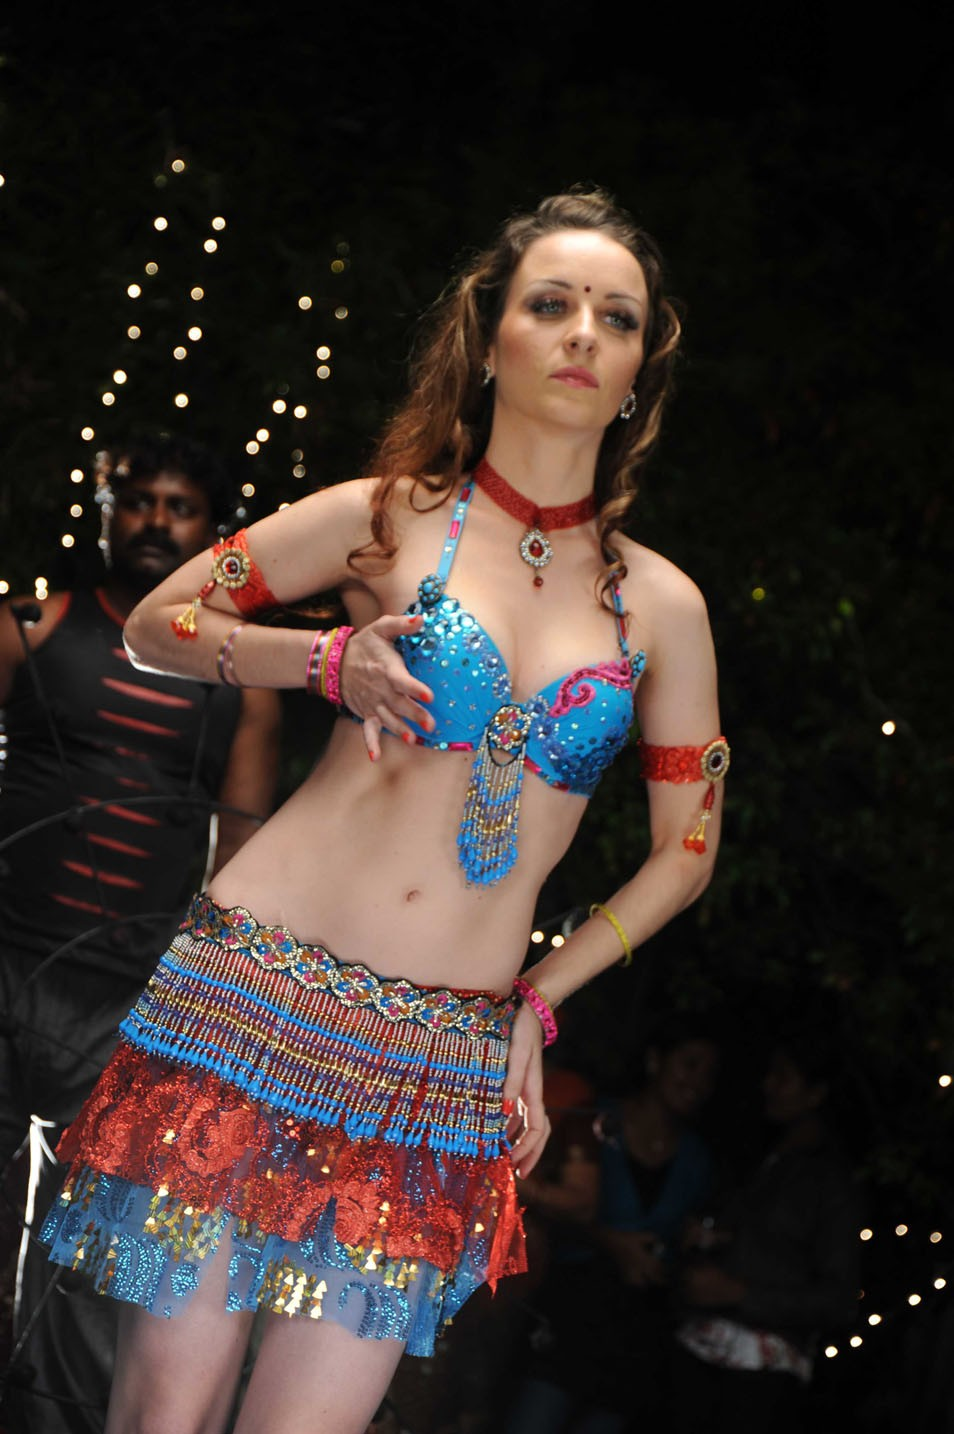 Priya rai day with a pornstar 7